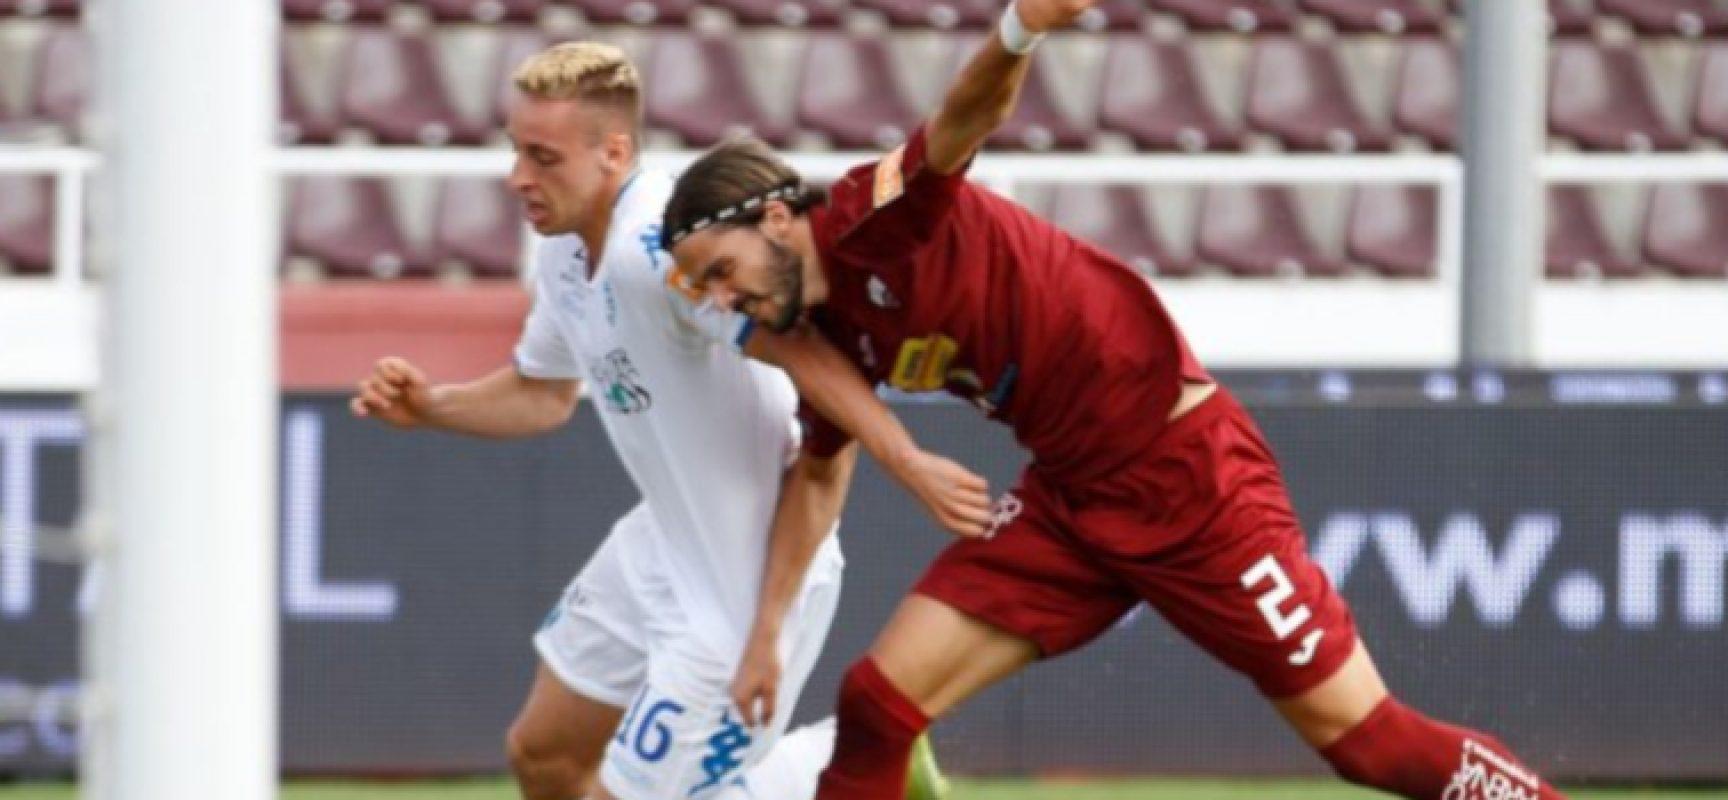 Nuovo innesto in difesa per il Bisceglie Calcio, dal Trapani arriva Joao Silva